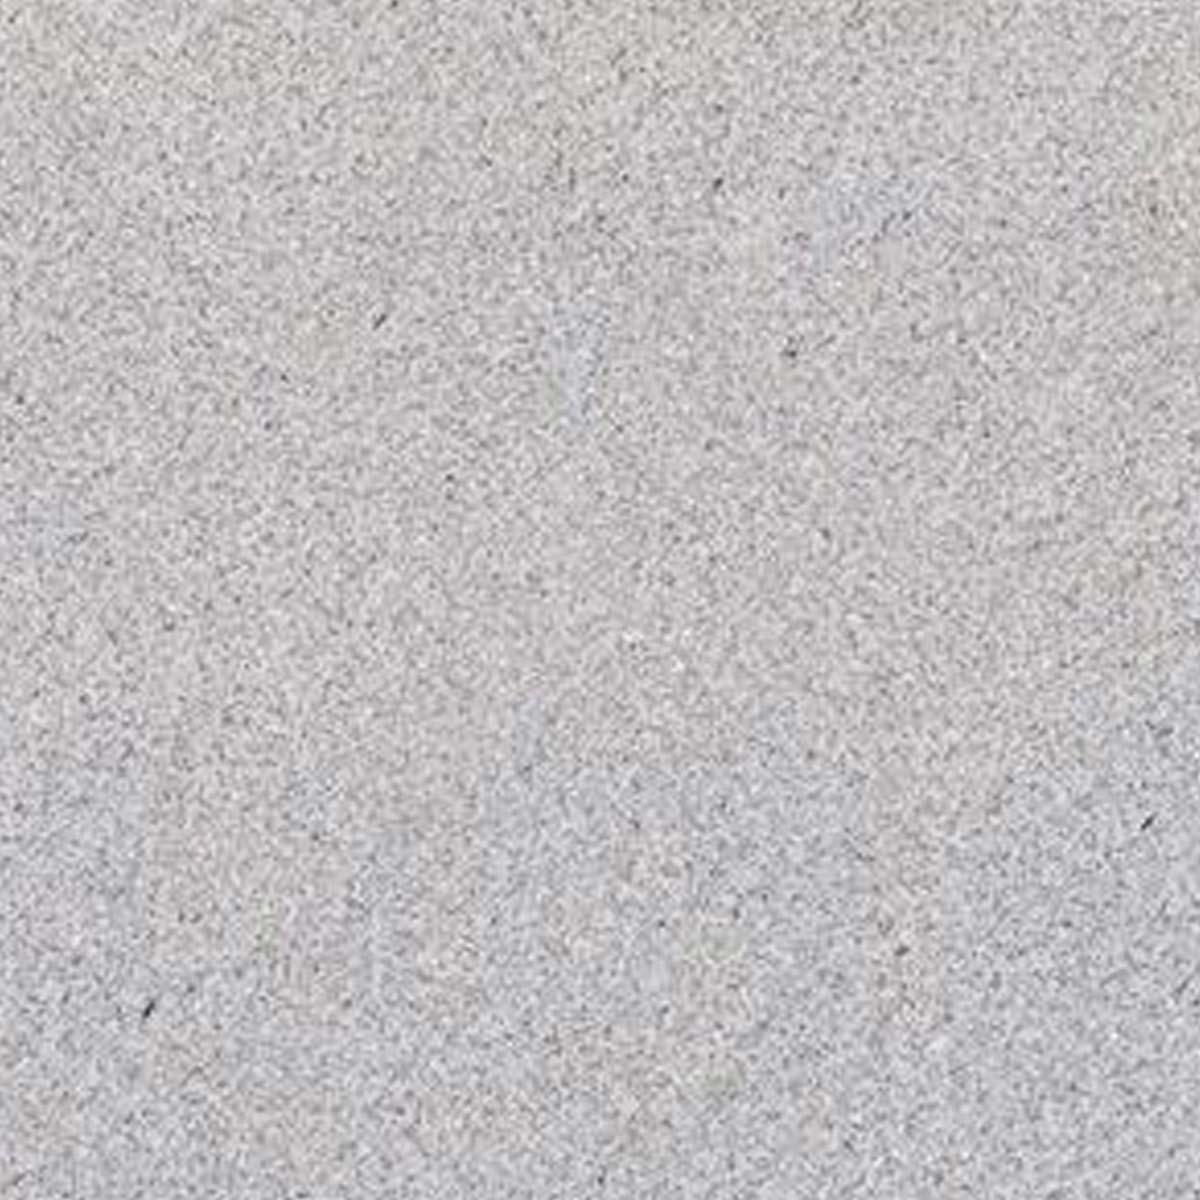 Granito-Blanco-Cristal-ABASTEL